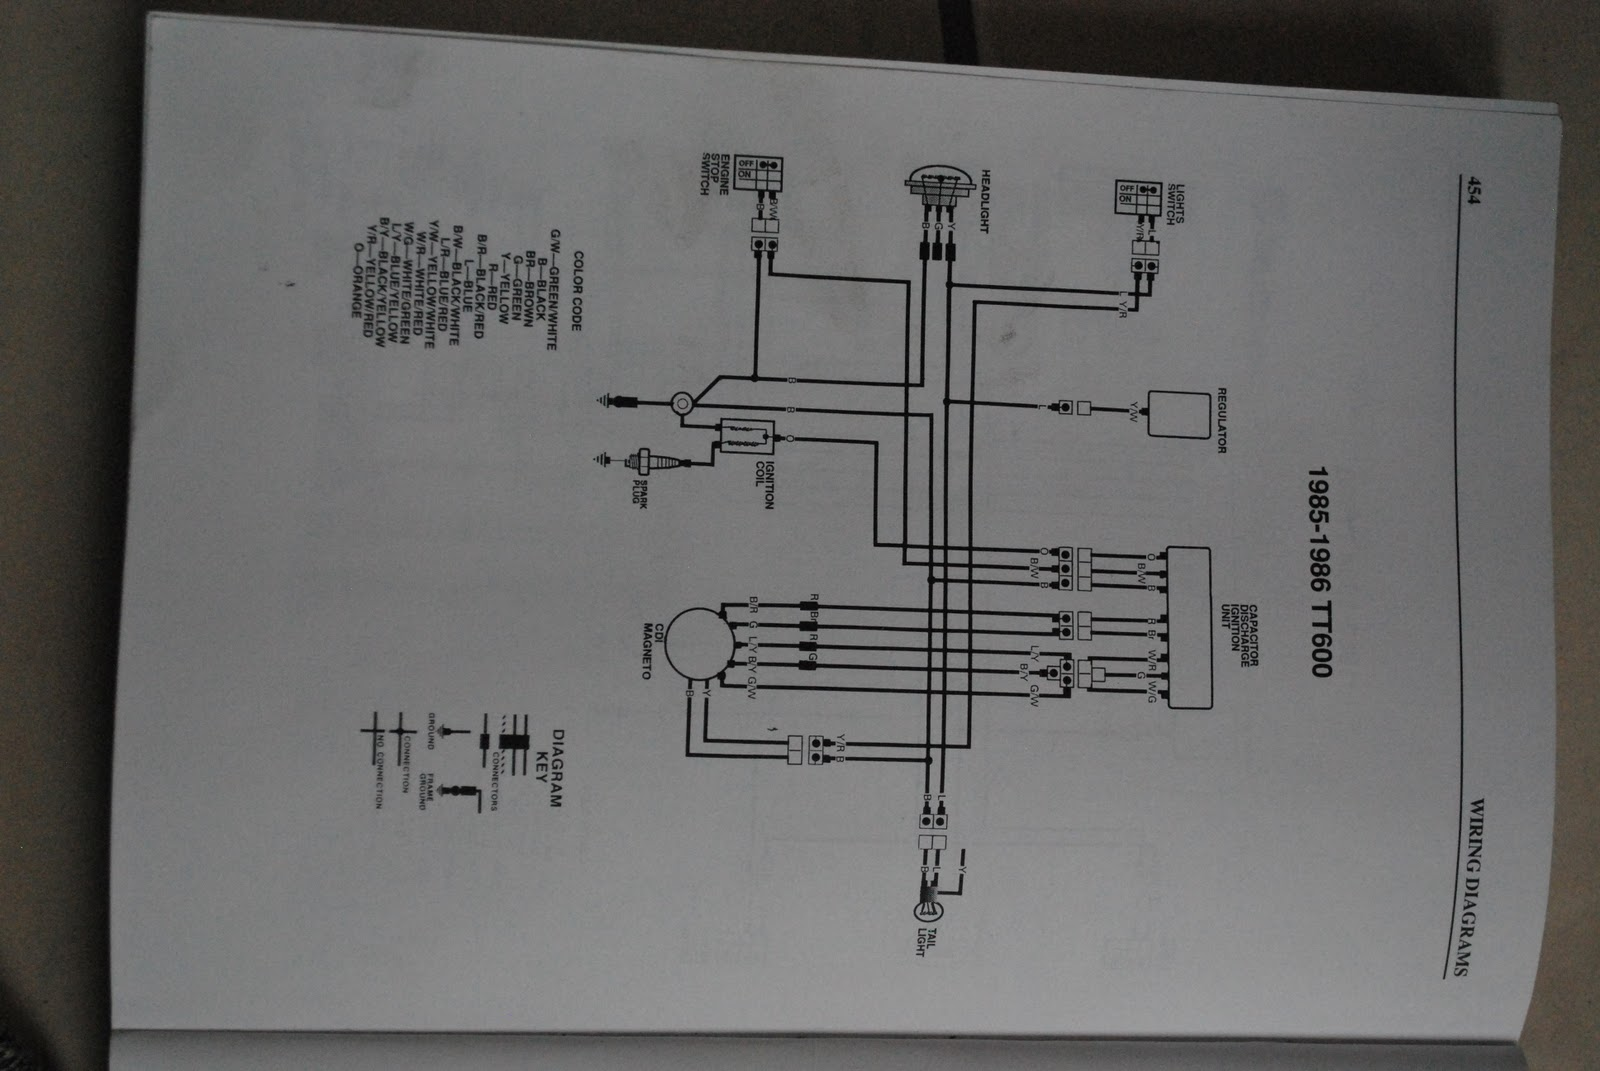 1983 Tt600 Wiring - Help  - Vintage